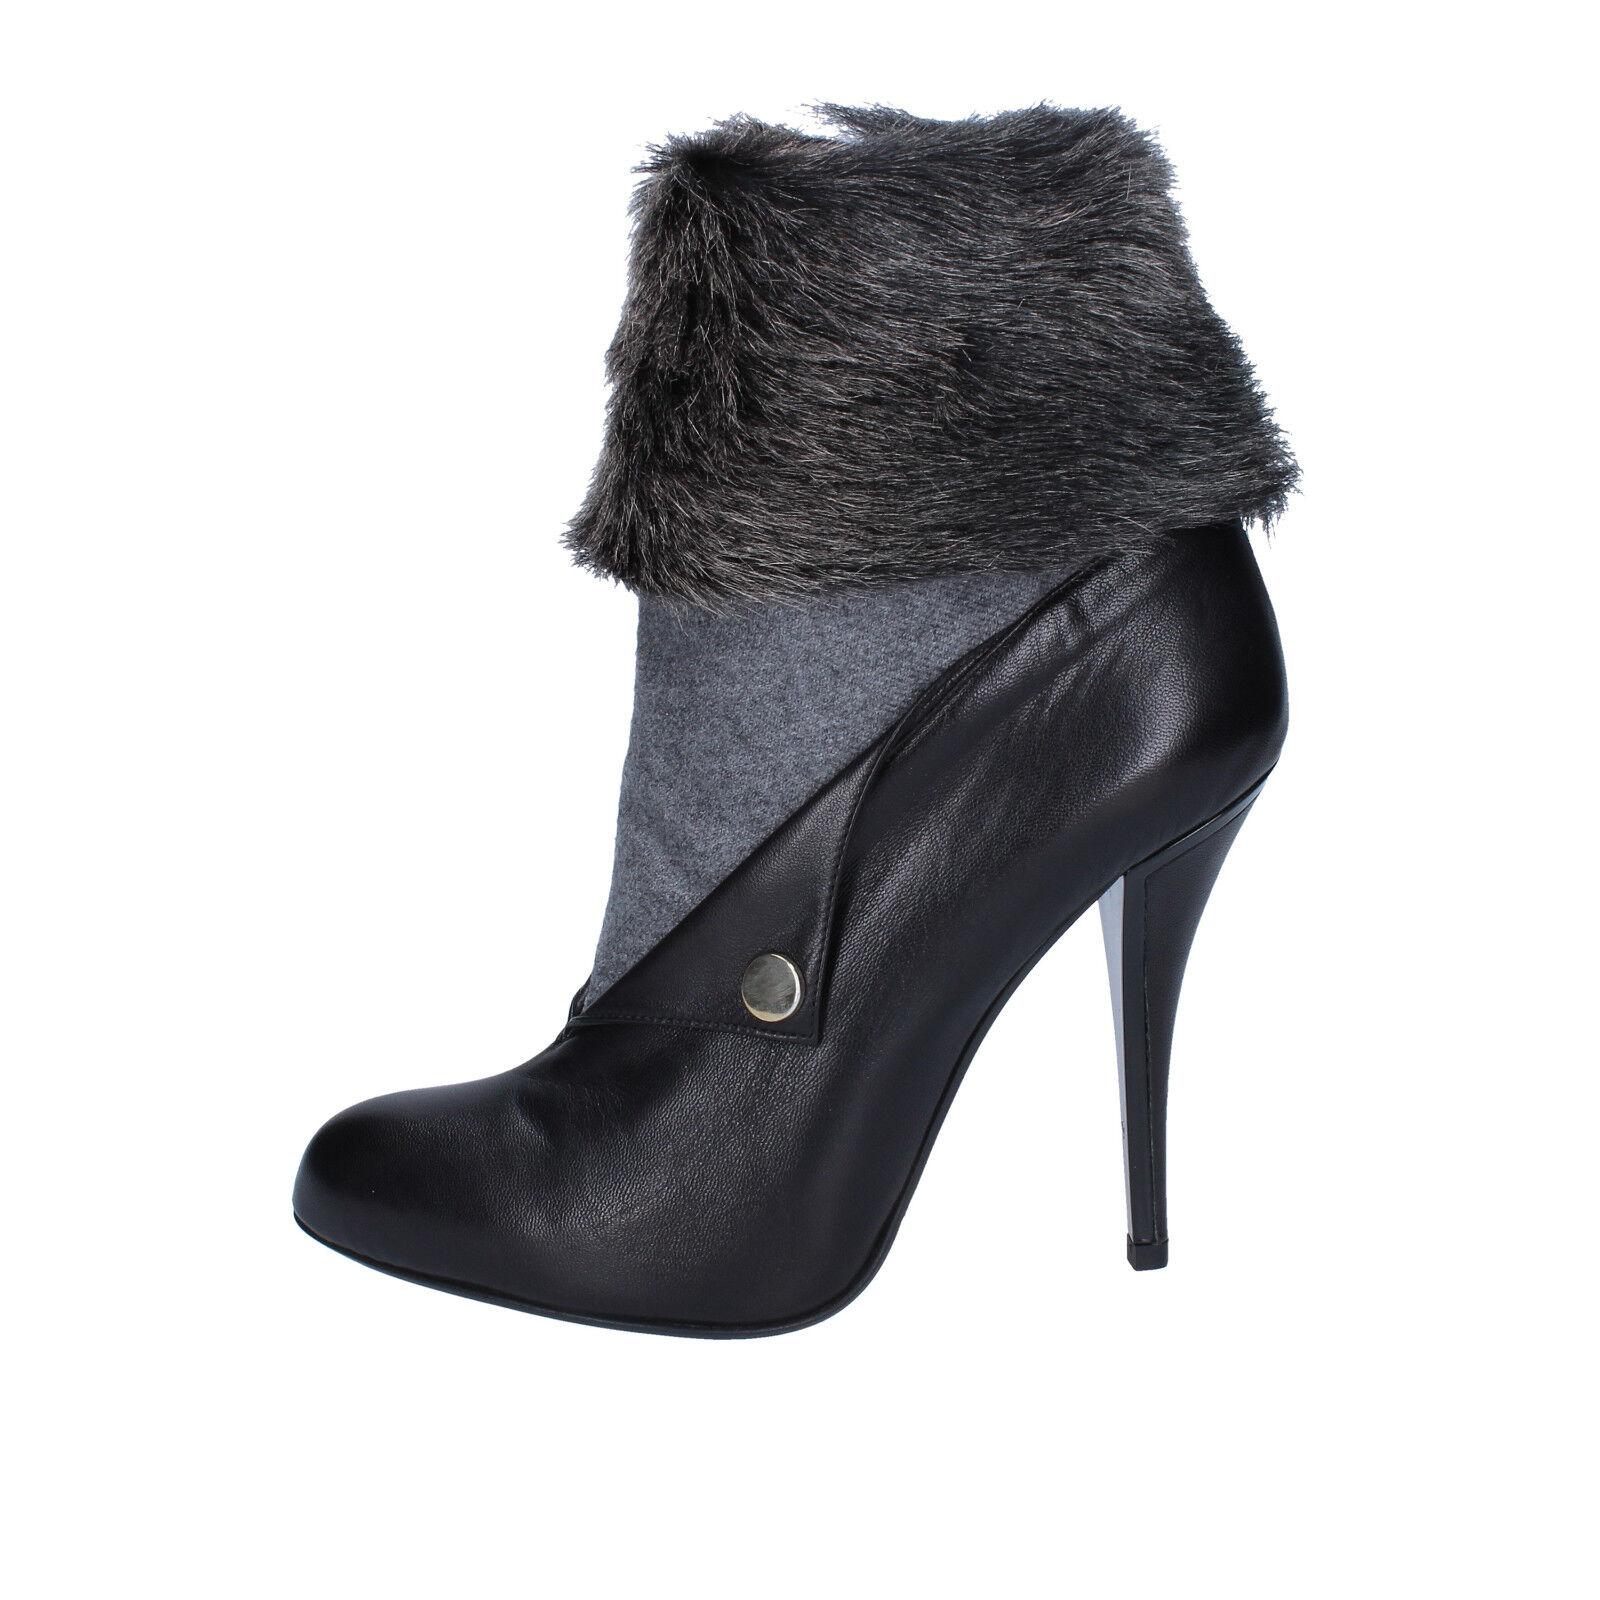 Zapatos señora gianni marra 35 UE botines de cuero negro textil Pelz by756-35